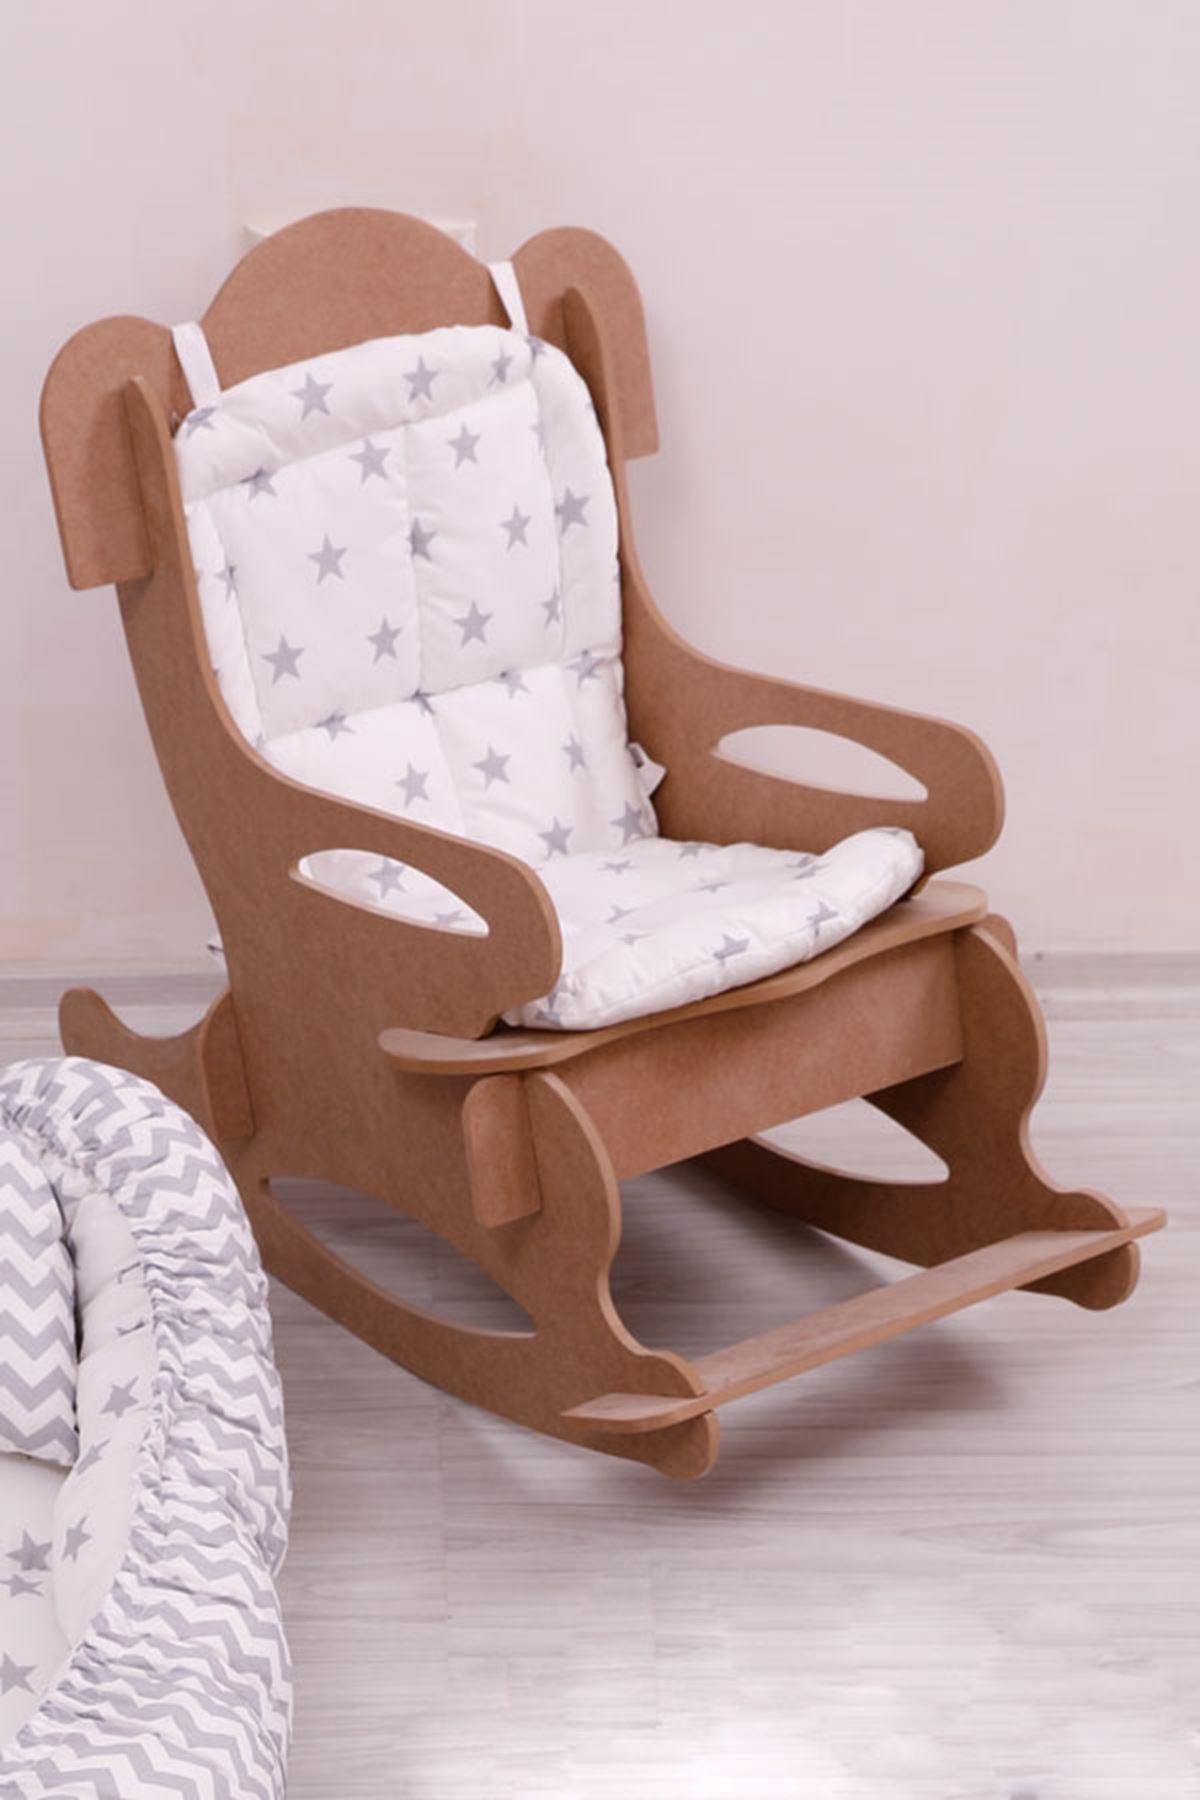 """Çocuk Sandalyesi """"Beyaz-Gri Minder"""" İle"""